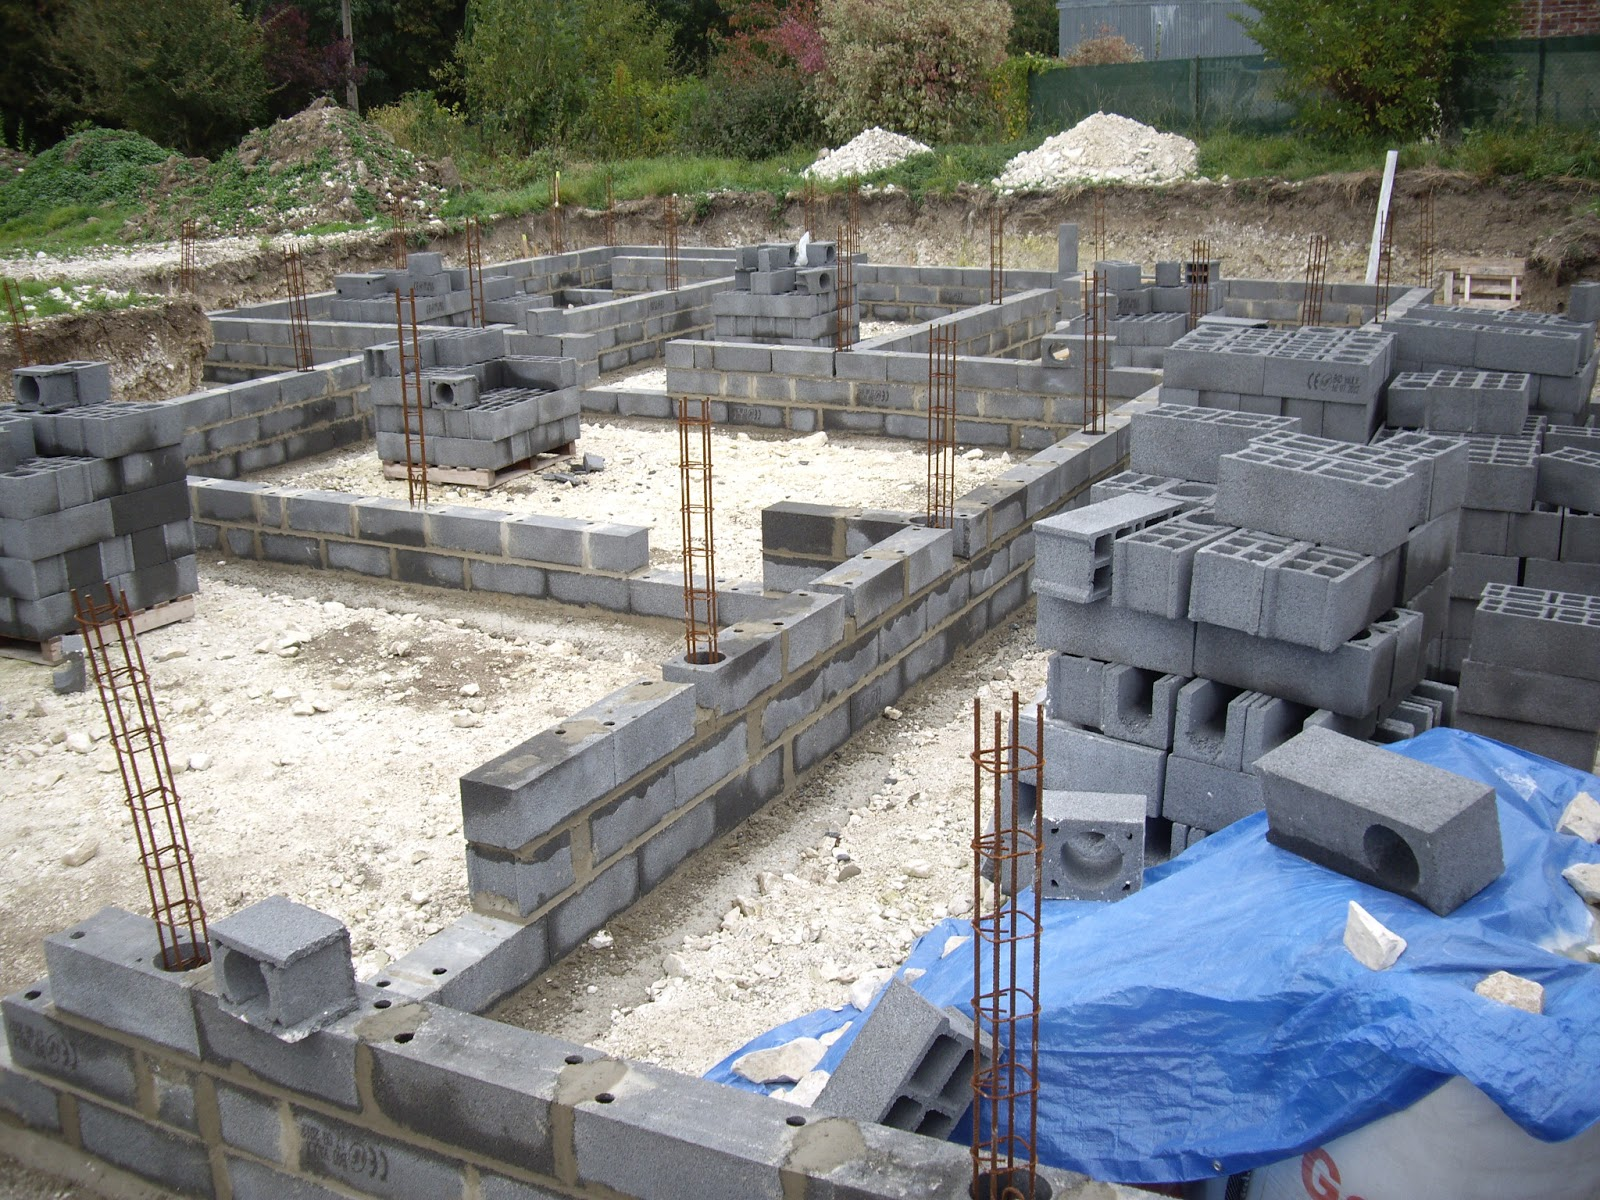 Notre auto construction passive maison ossature bois m o b vide sanitaire suite de la - Vide sanitaire maison passive ...